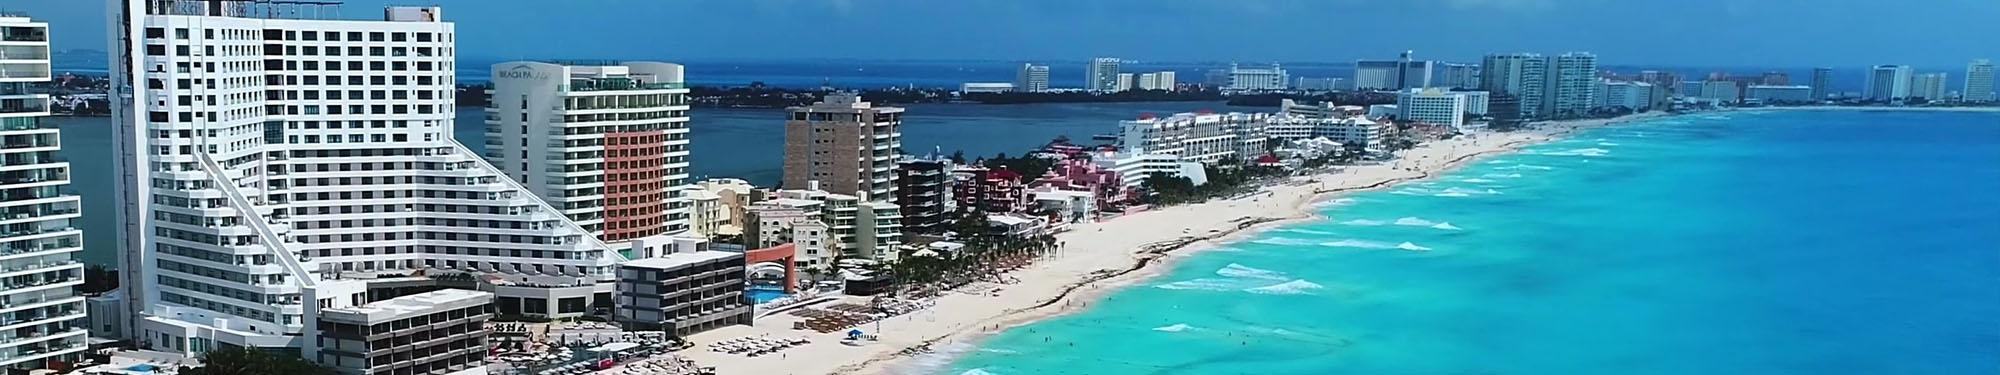 Excursiones en Cancún